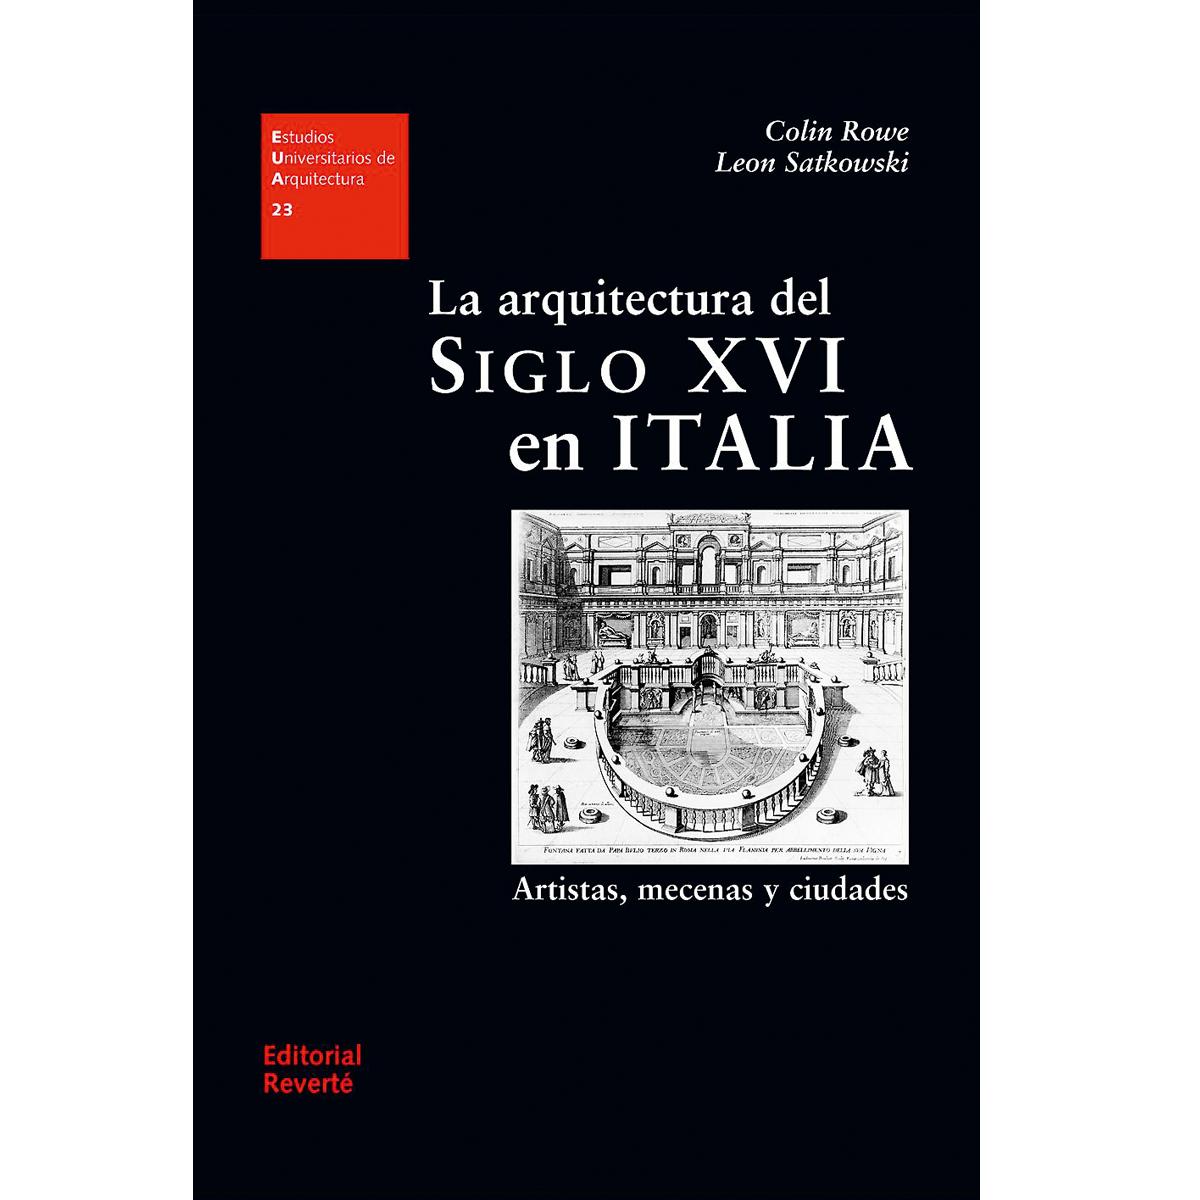 La arquitectura del siglo XVI en Italia: artistas, mecenas y ciudades